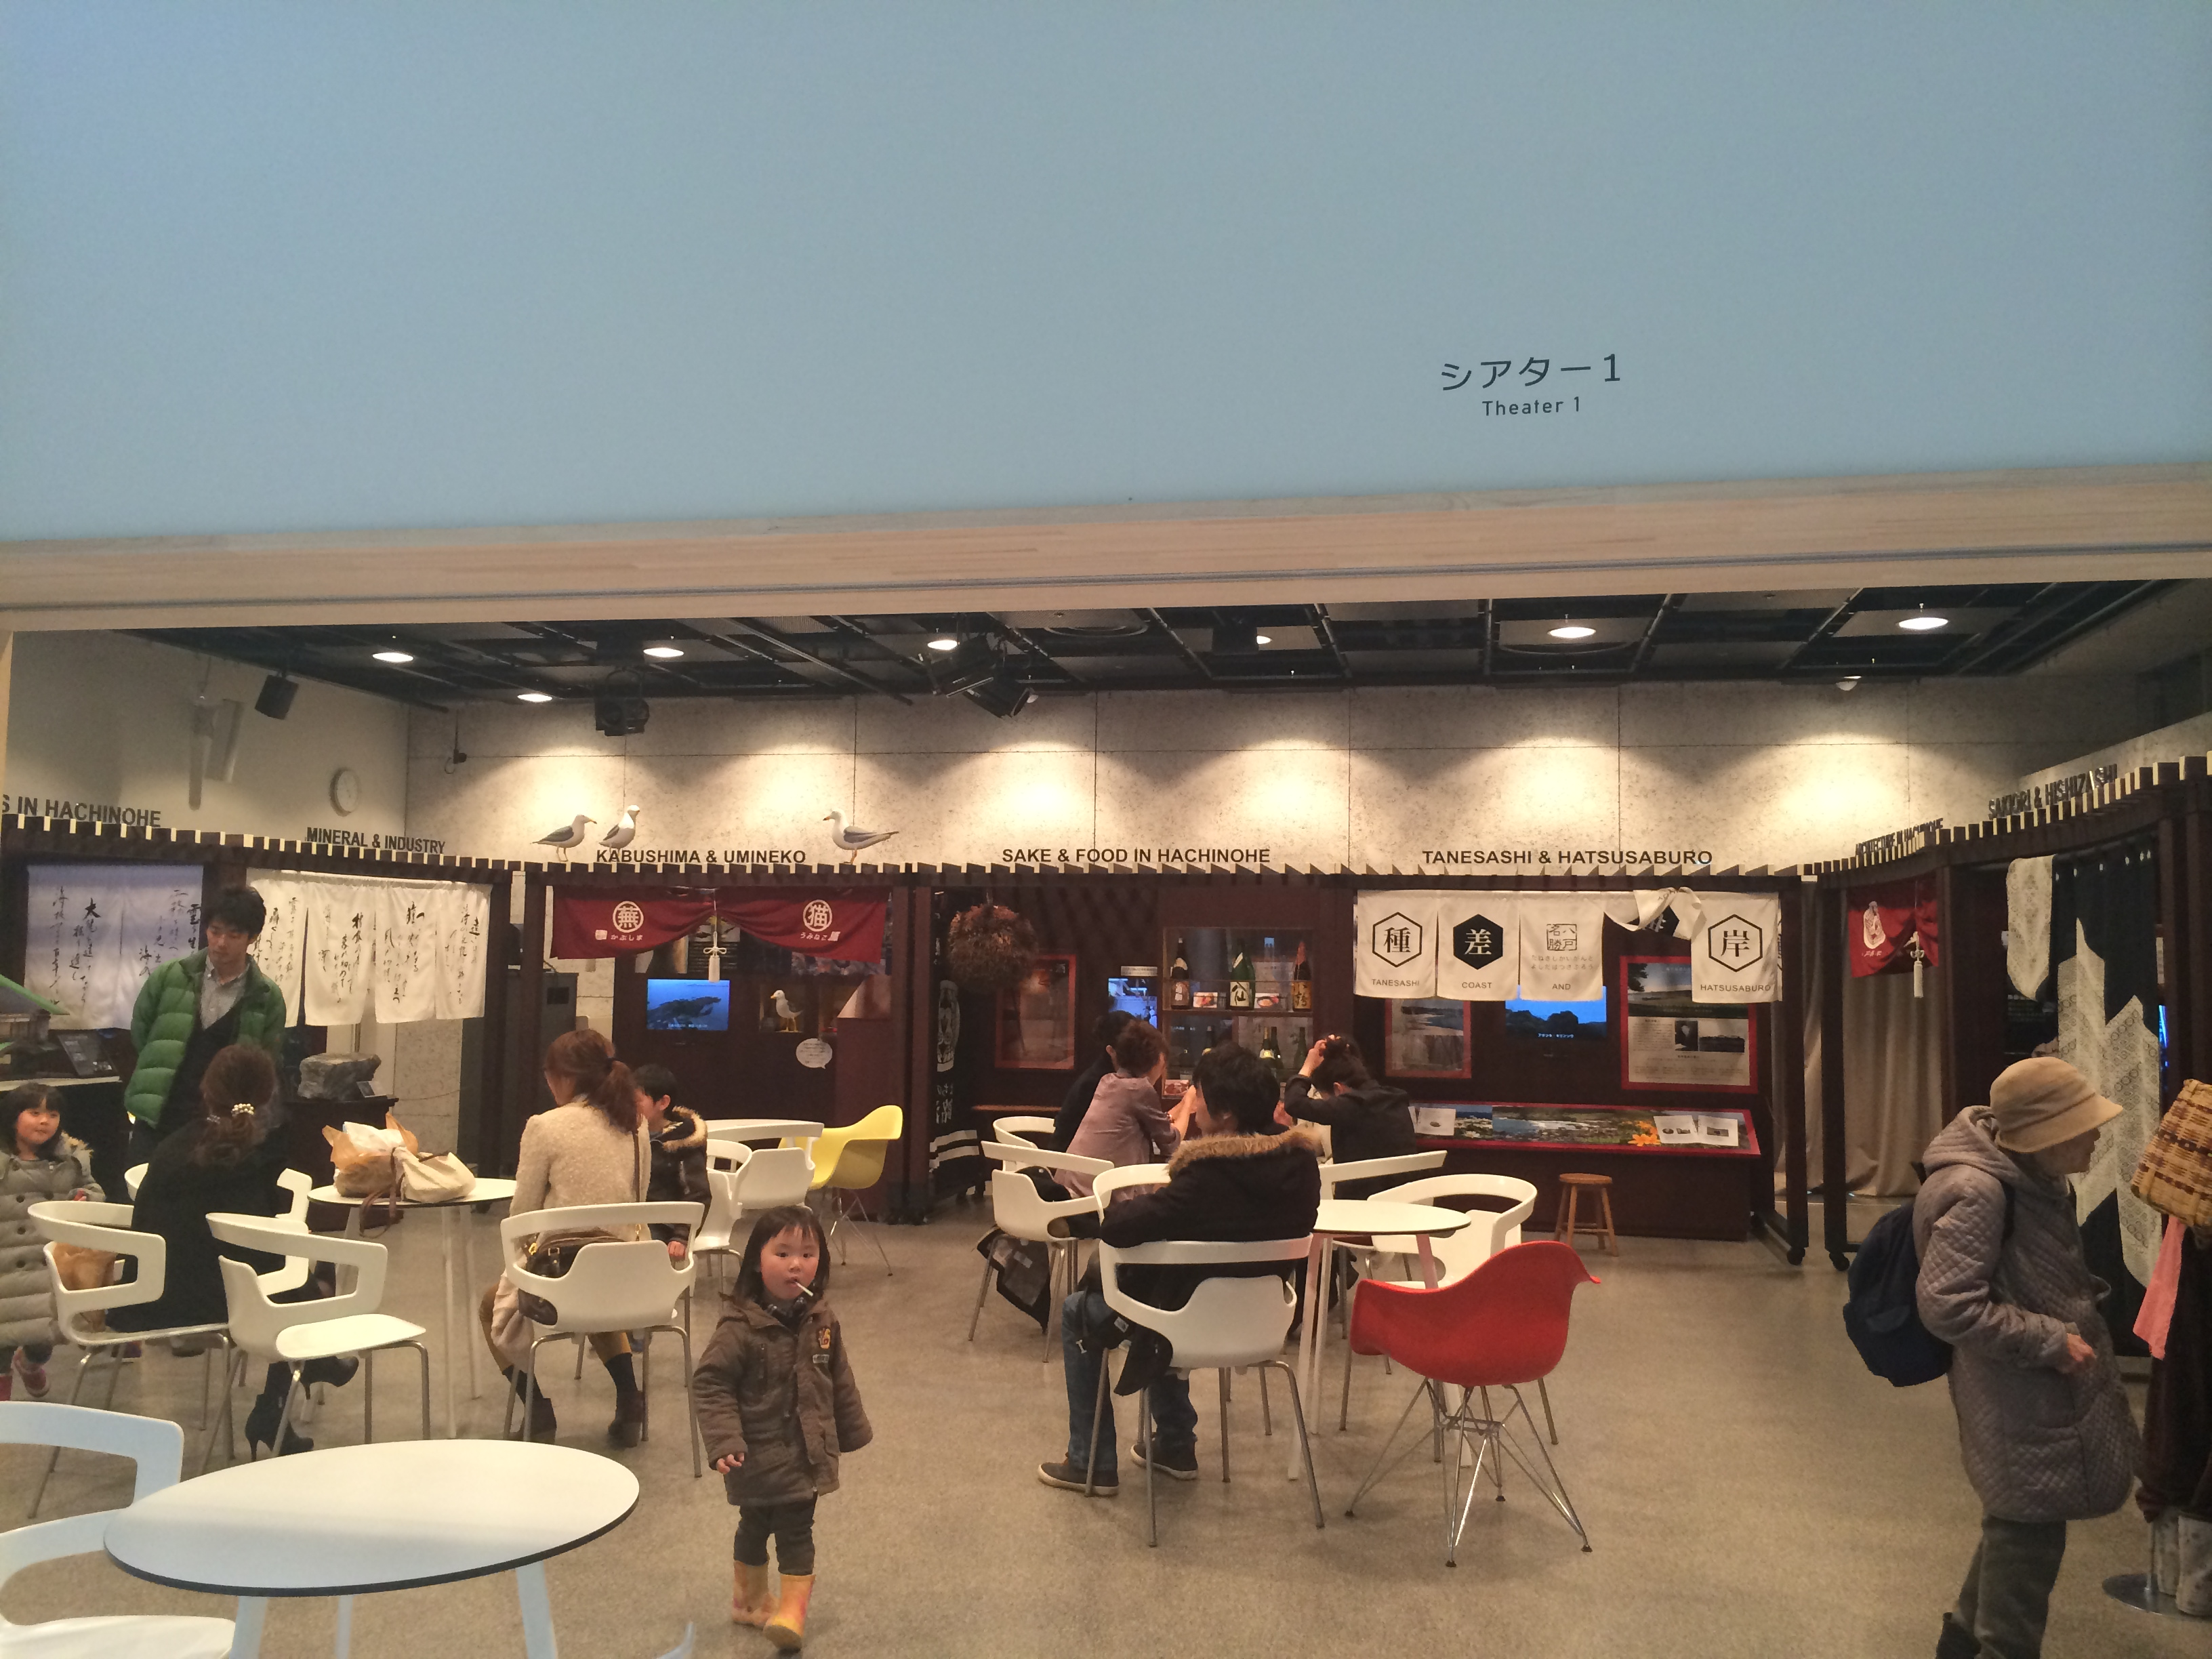 http://hacchi.jp/blog/upload/images/20140326-4.JPG